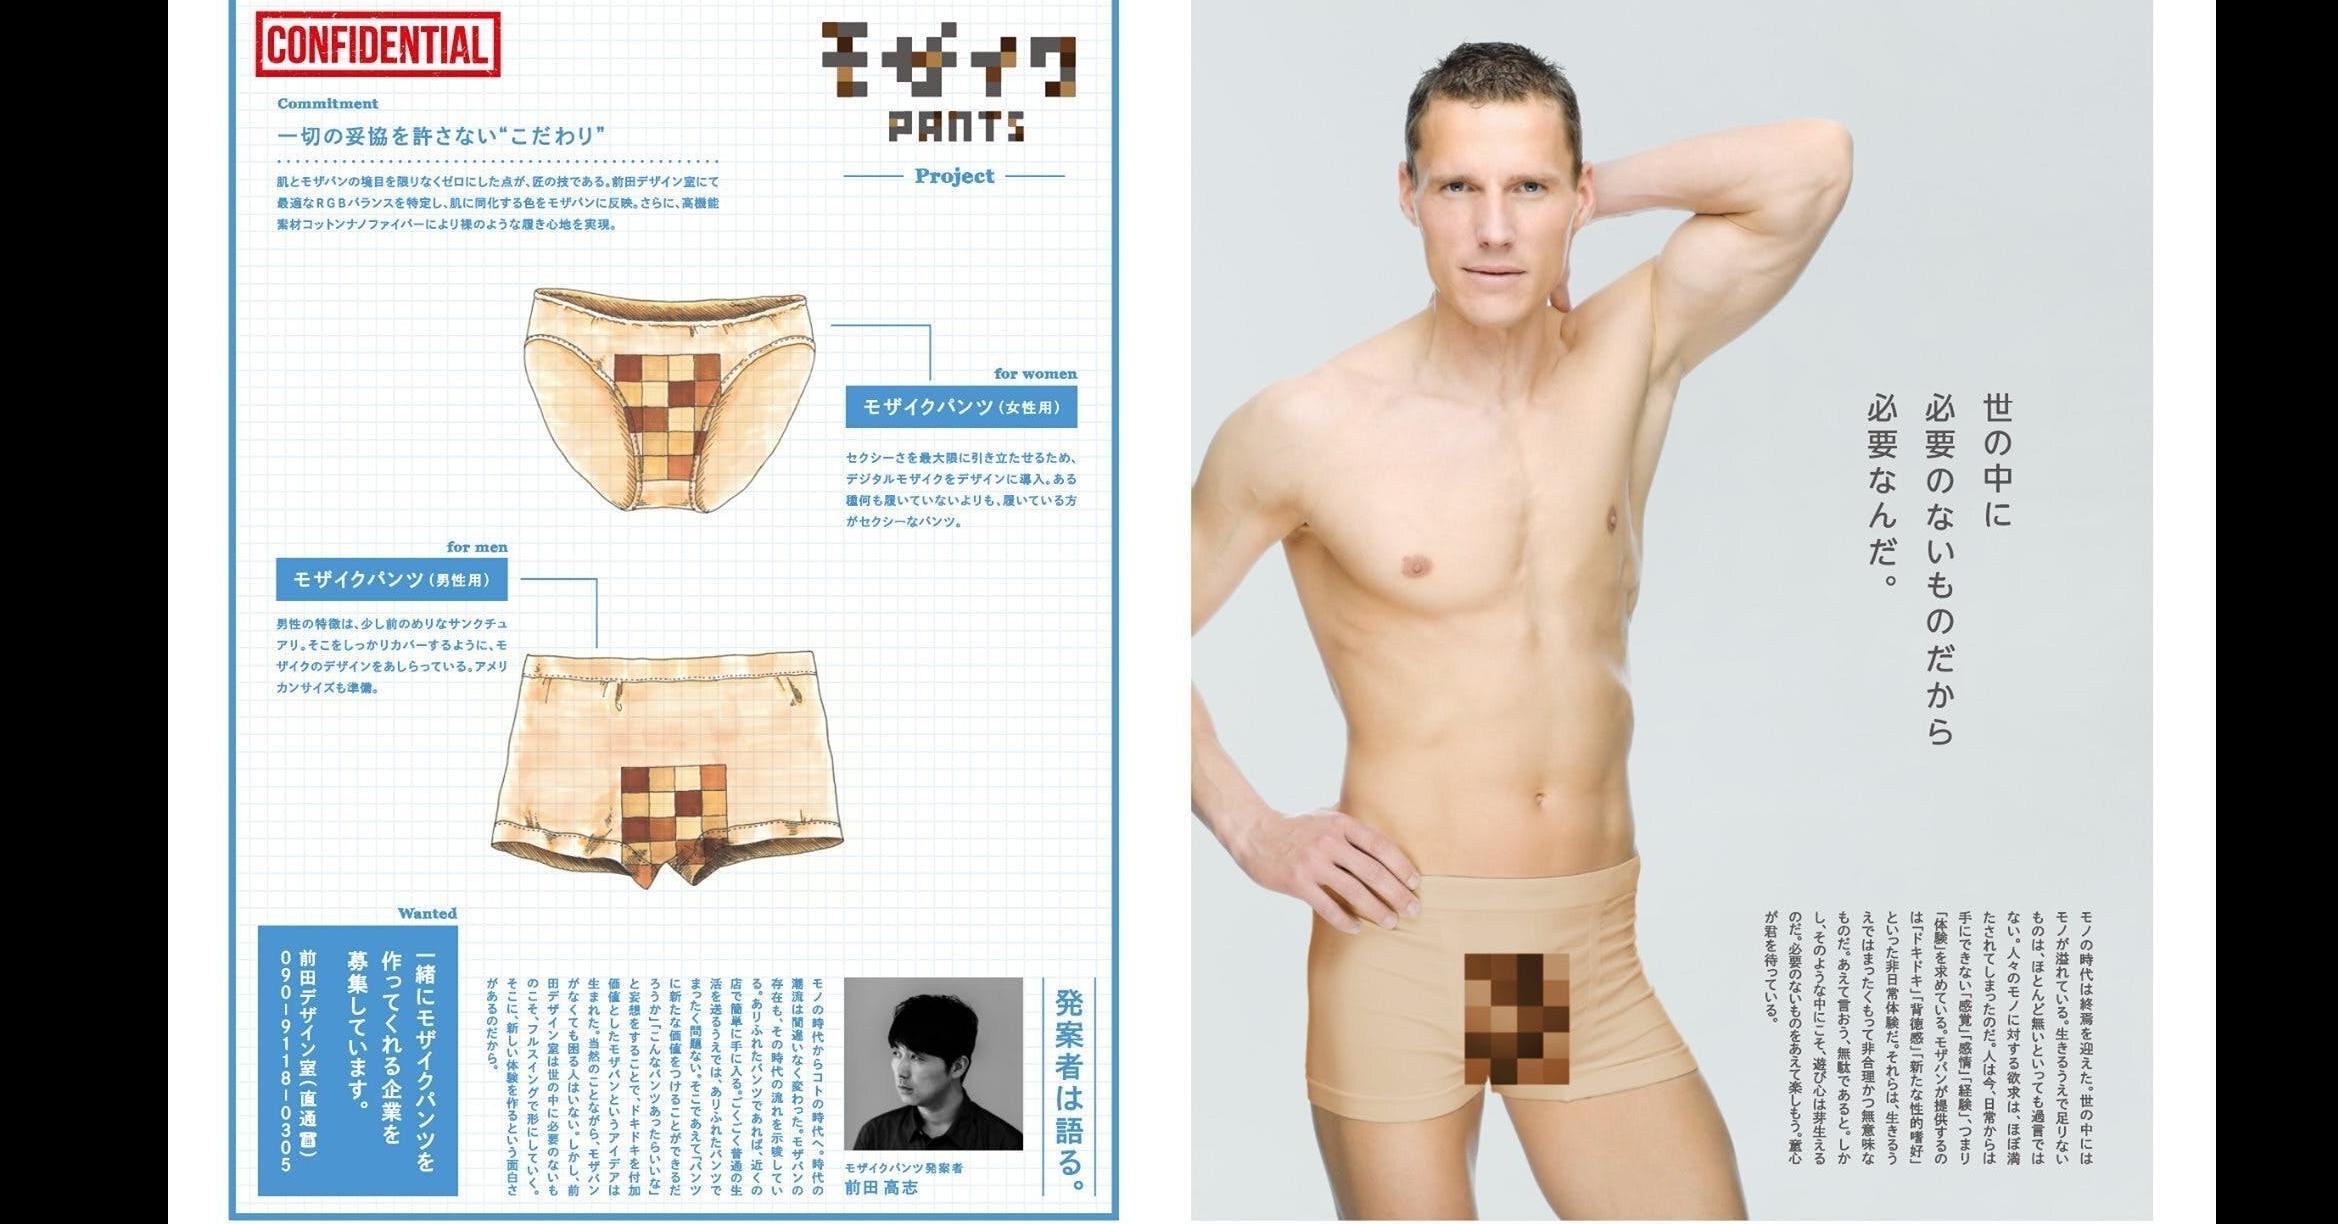 照片中提到了CONFIDENTIAL、モザィワ、Commitment,跟君度有關,包含了主動內衣、主動內衣、赤裸裸的、內衣、內褲